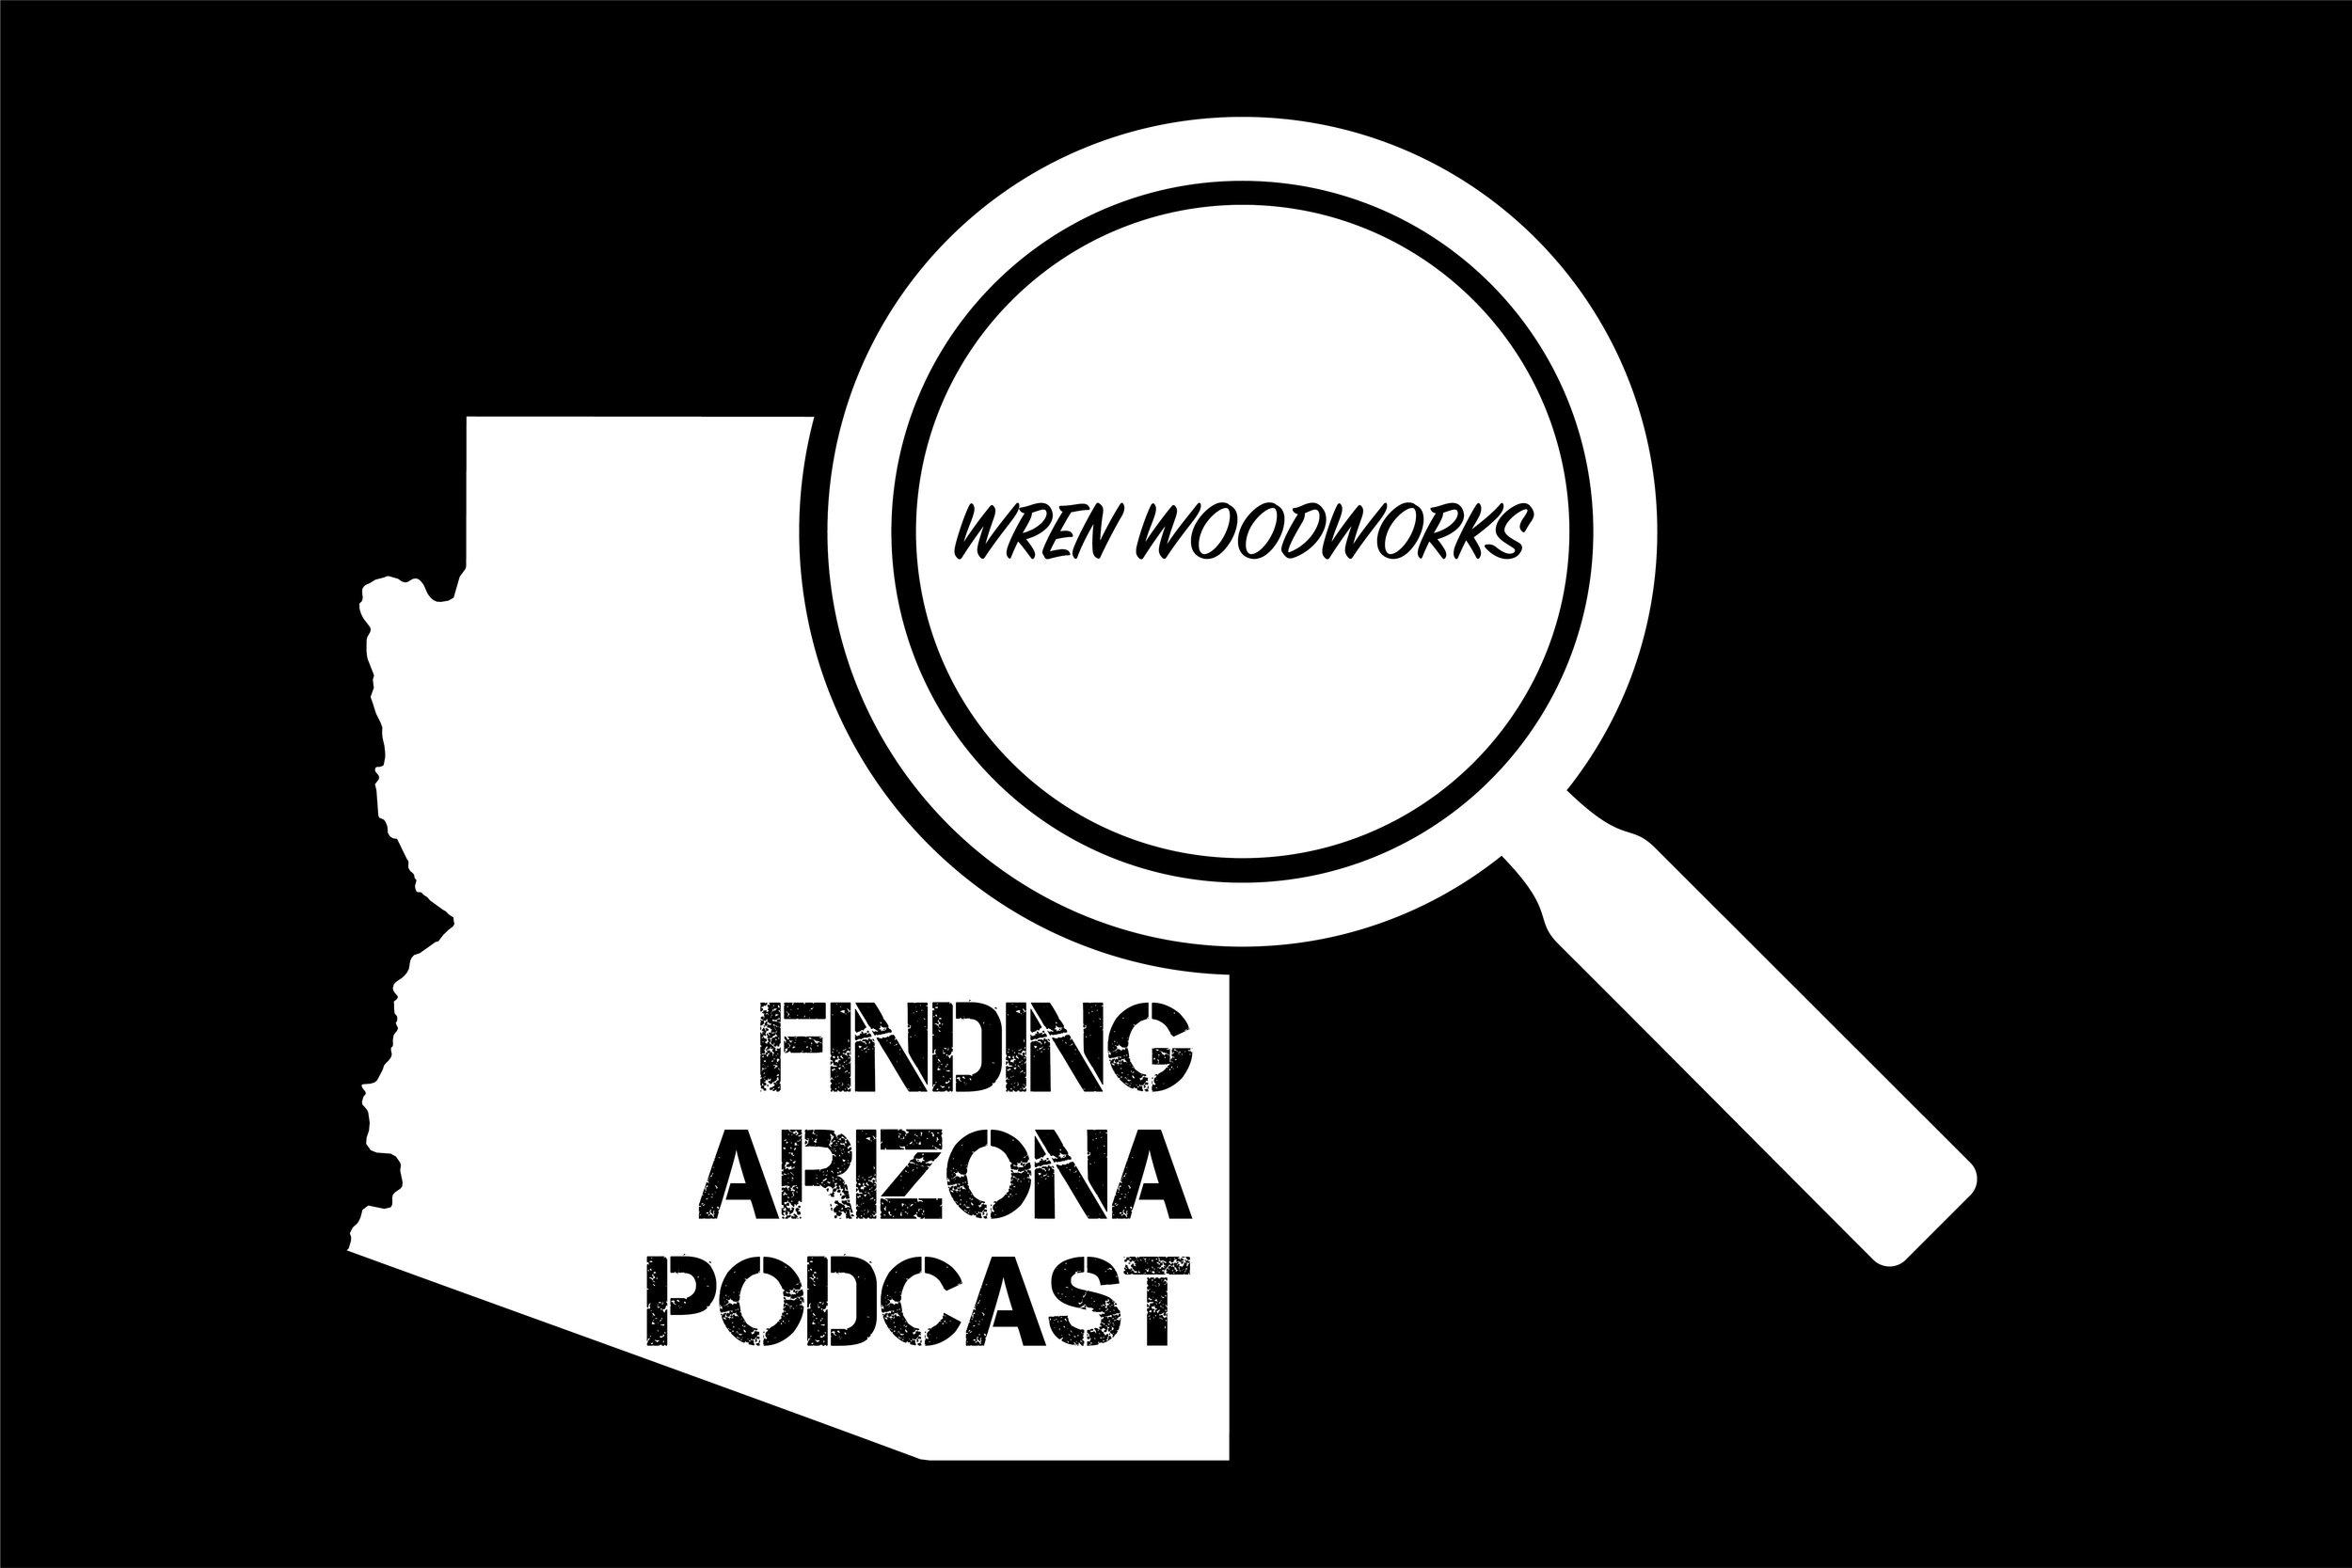 PodCastLogo-WrenWoodworks.jpg